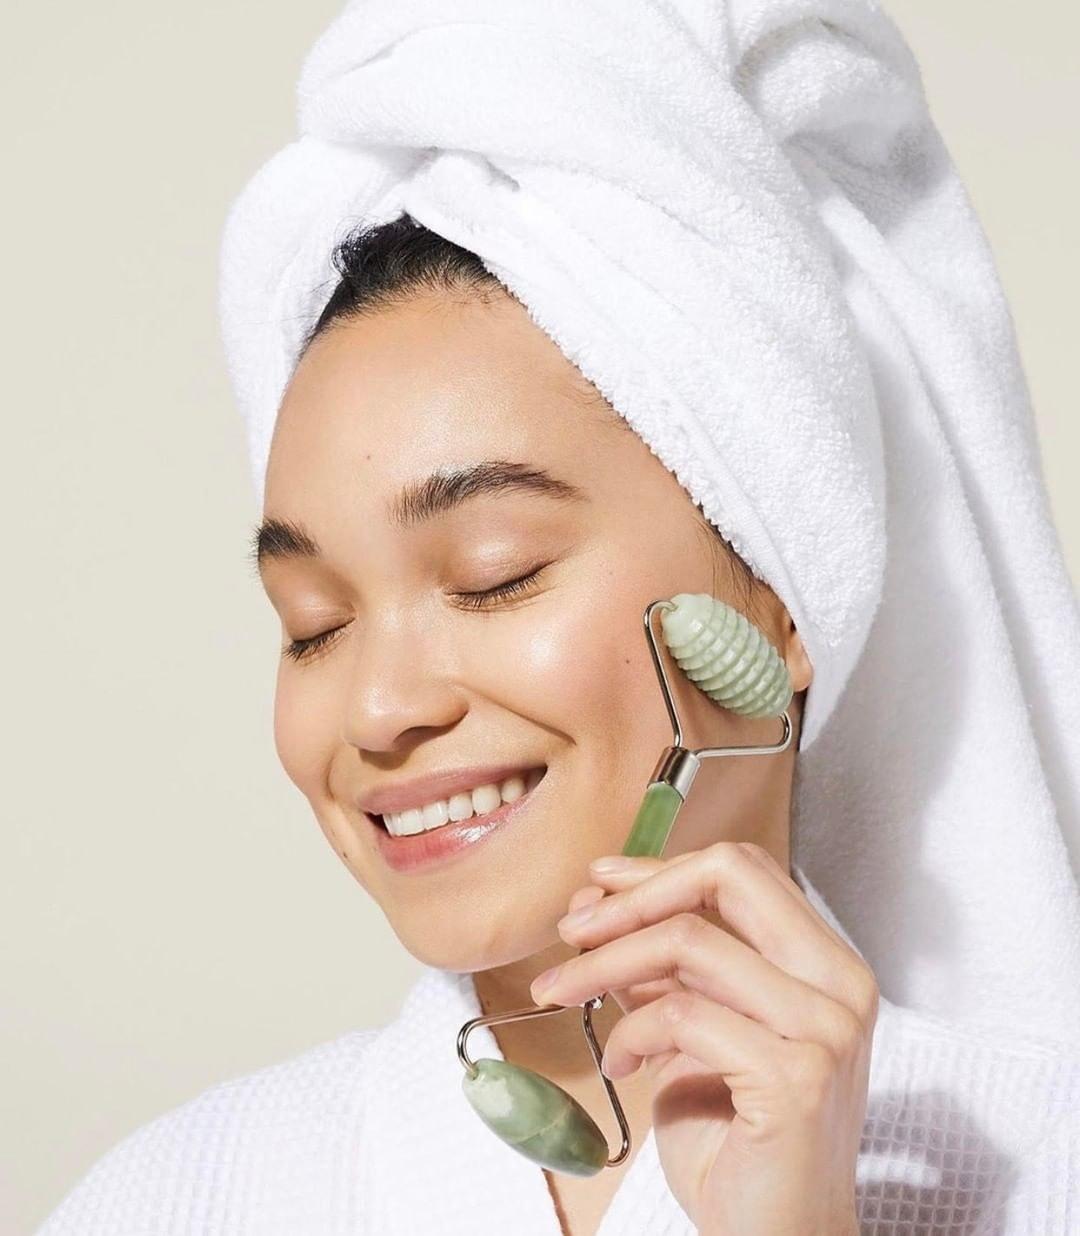 A person placing a jade facial roller against their cheek